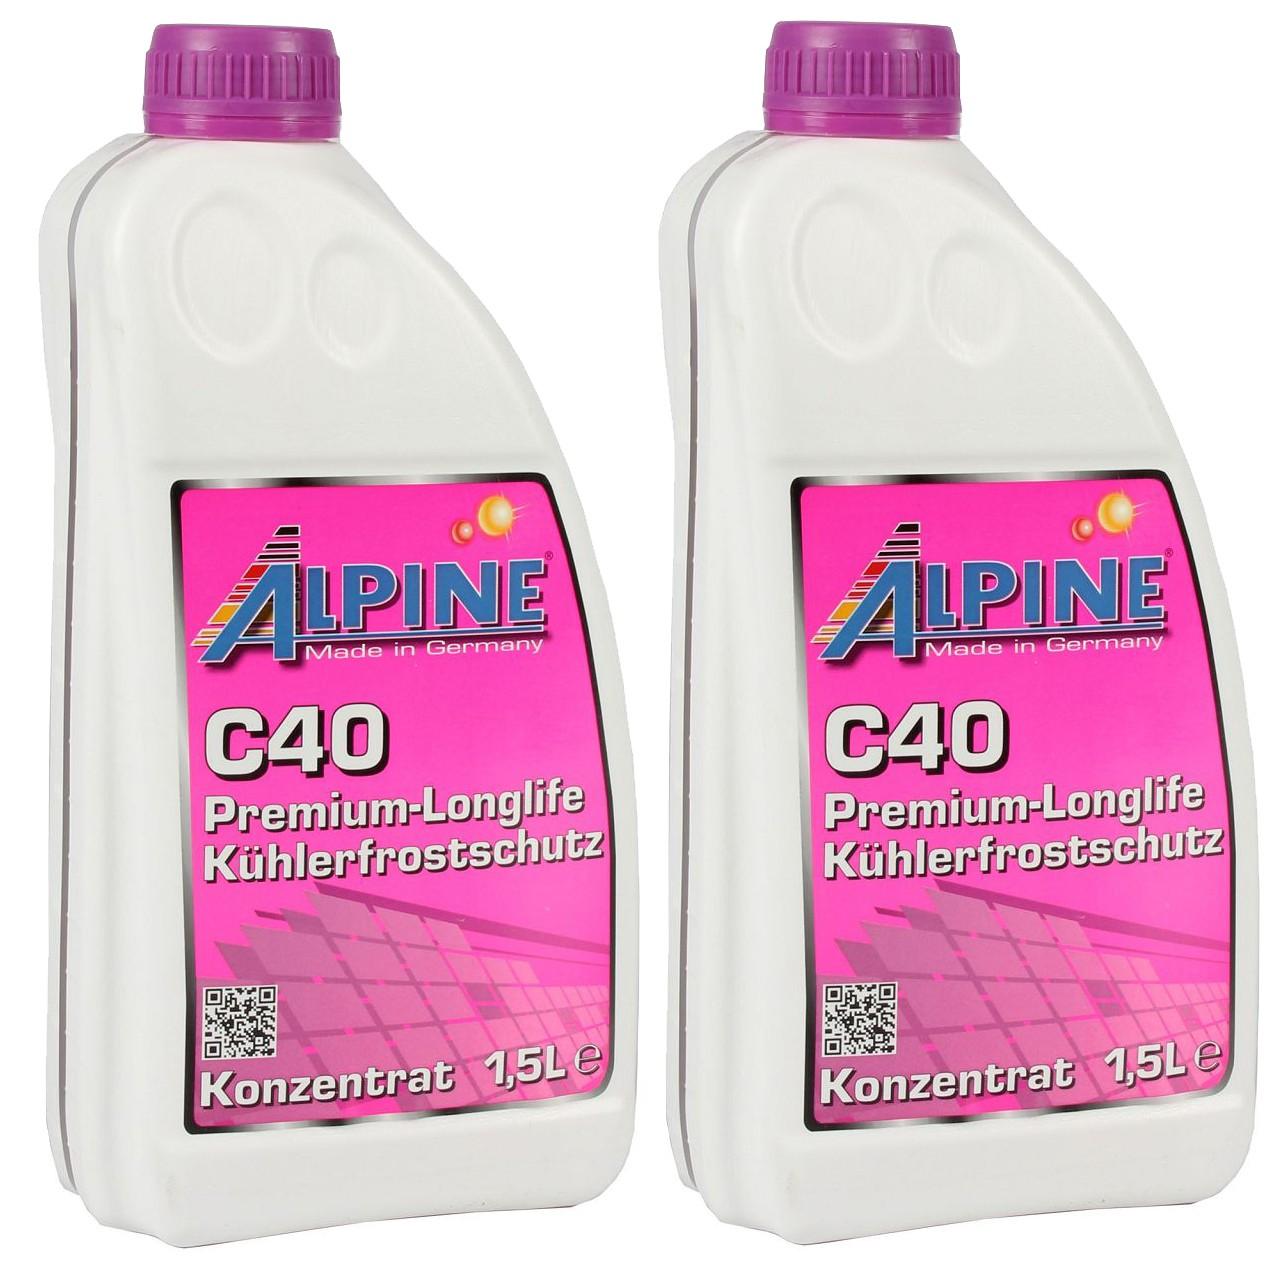 3 Liter 3L ALPINE Frostschutz Kühler Kühlerfrostschutz Konzentrat C40 G40